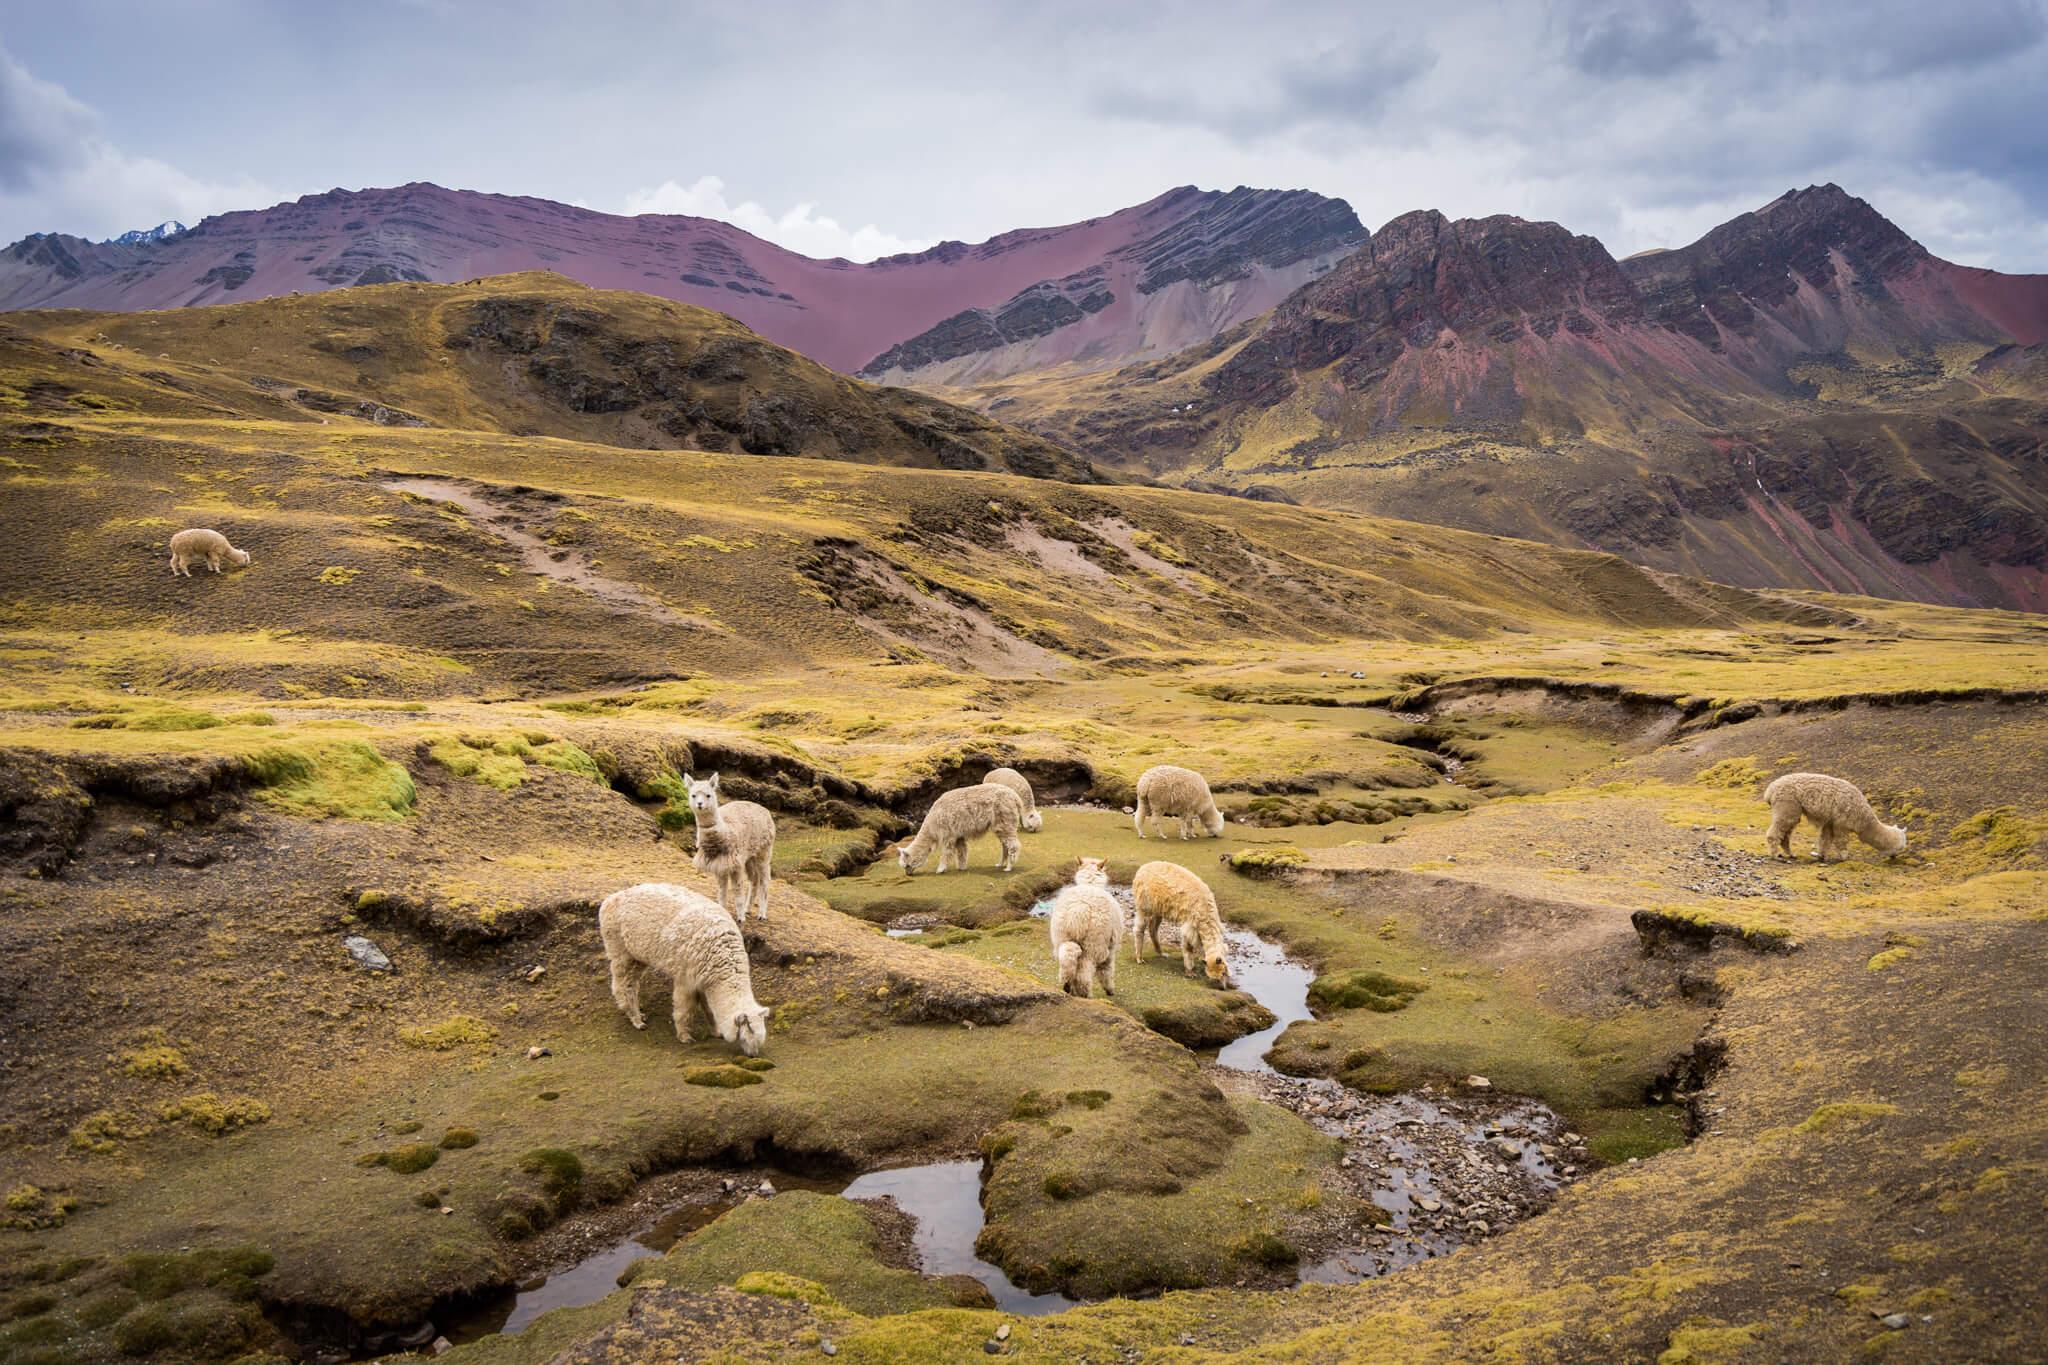 Montagnes colorées